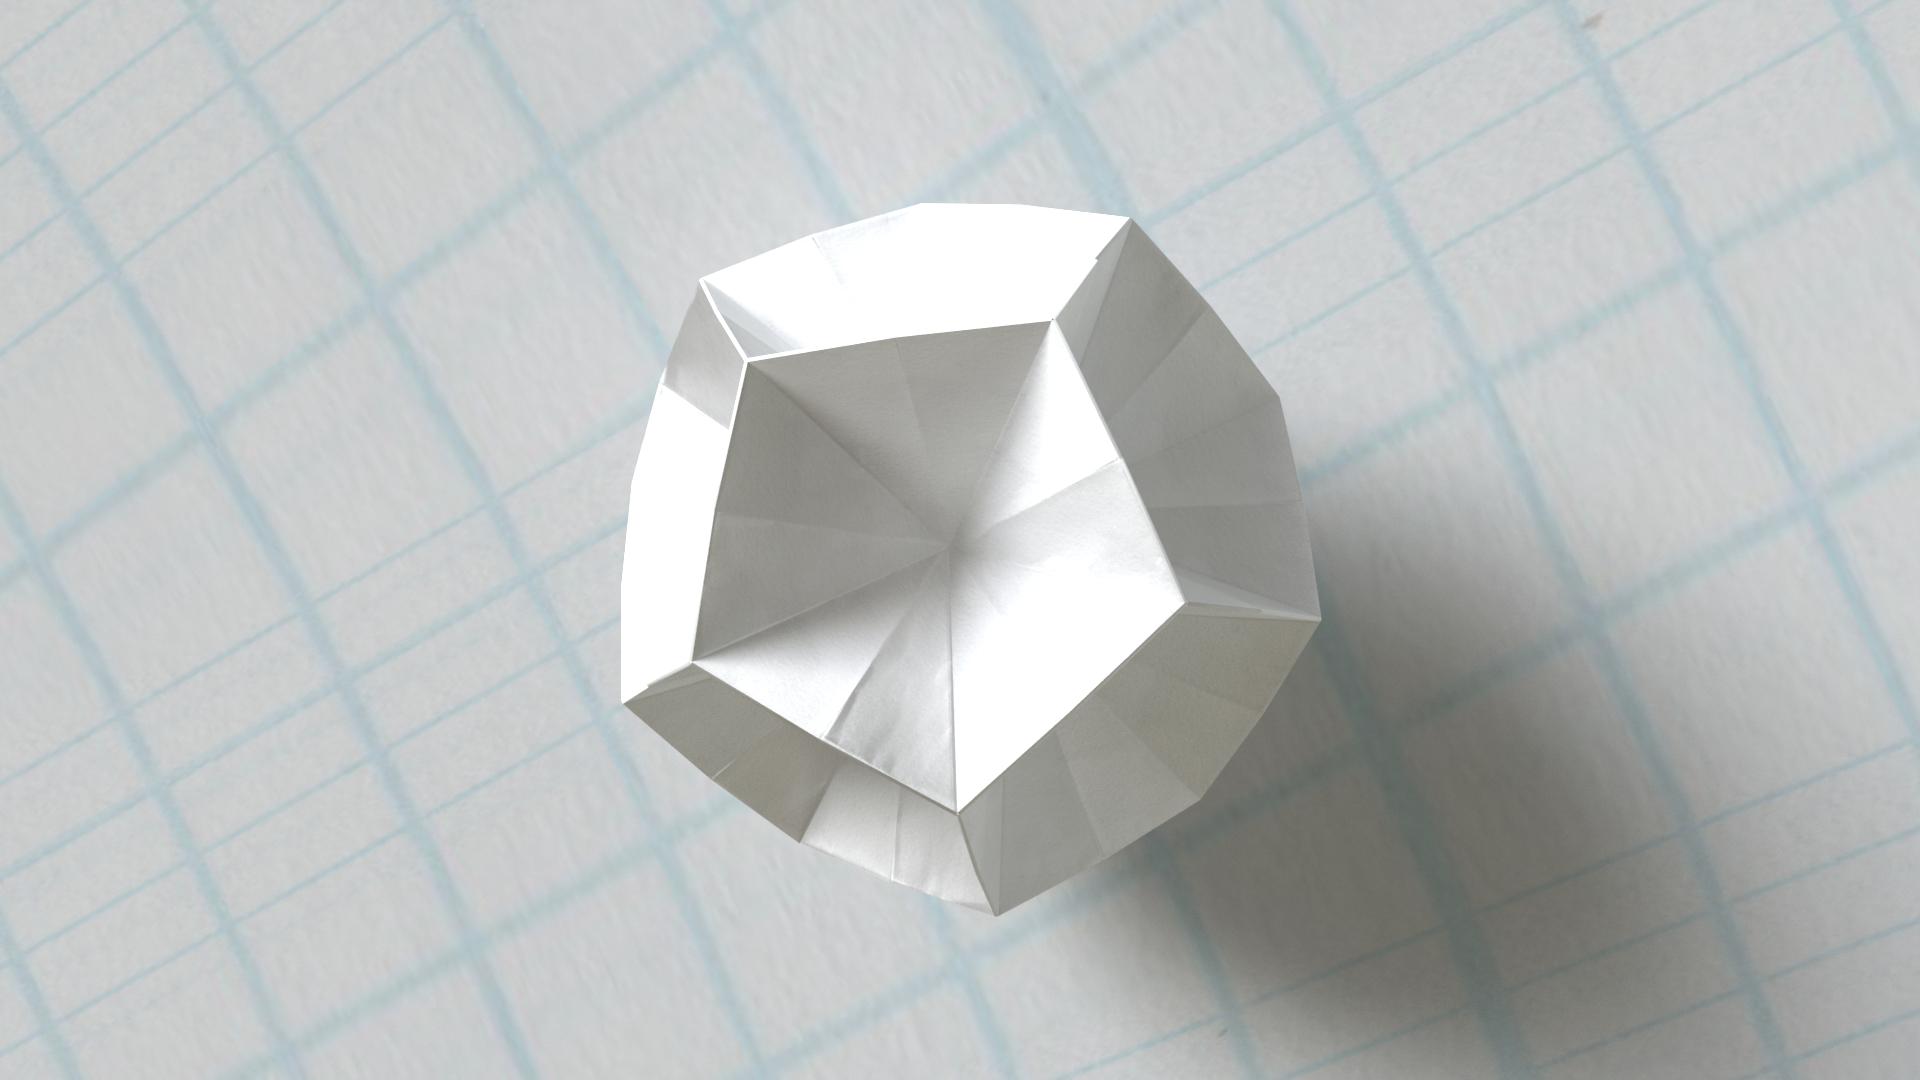 shape_004.jpg